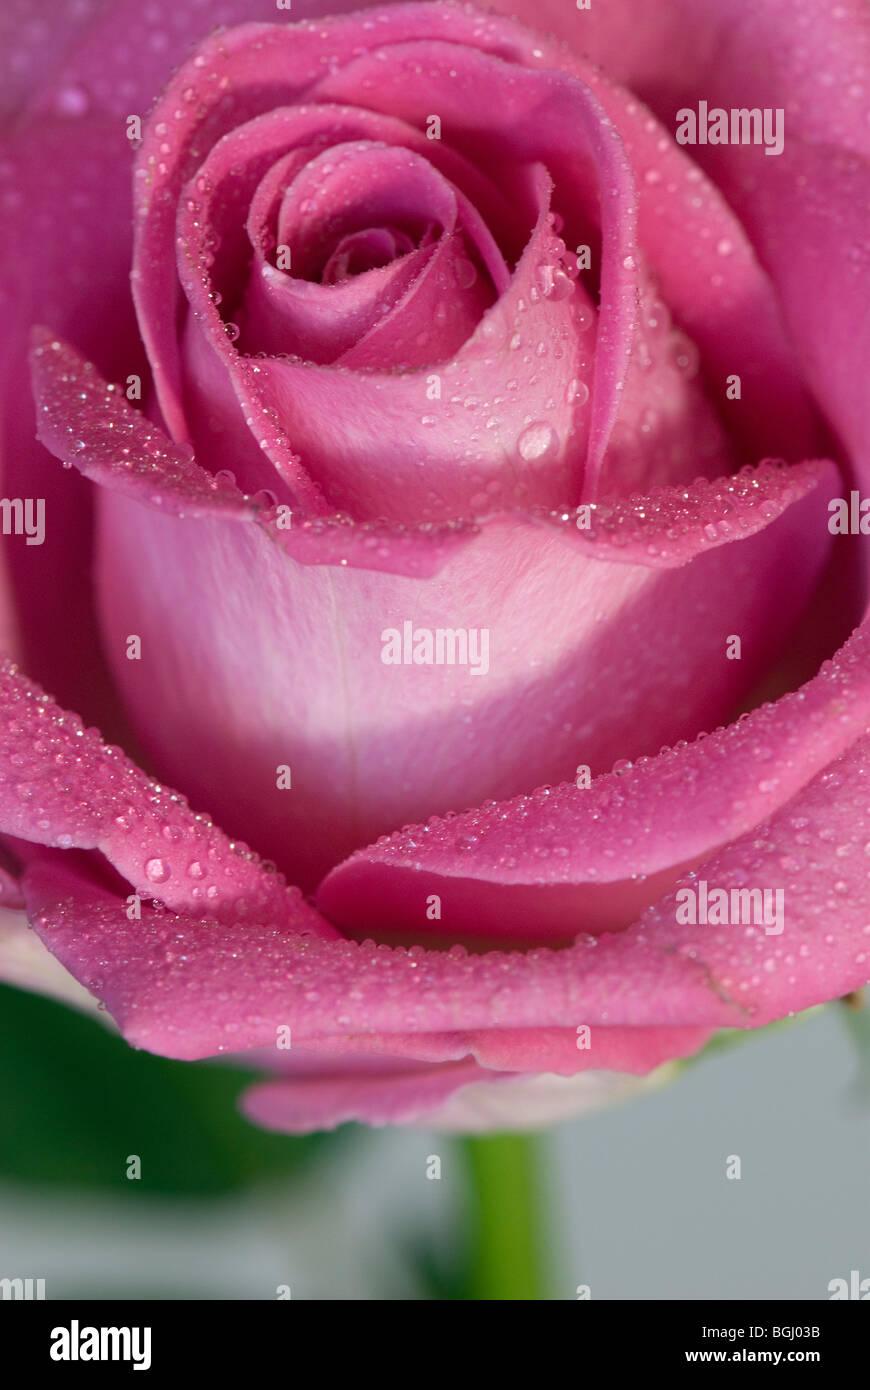 Fleur Rose Pale Stock Photos Fleur Rose Pale Stock Images Alamy